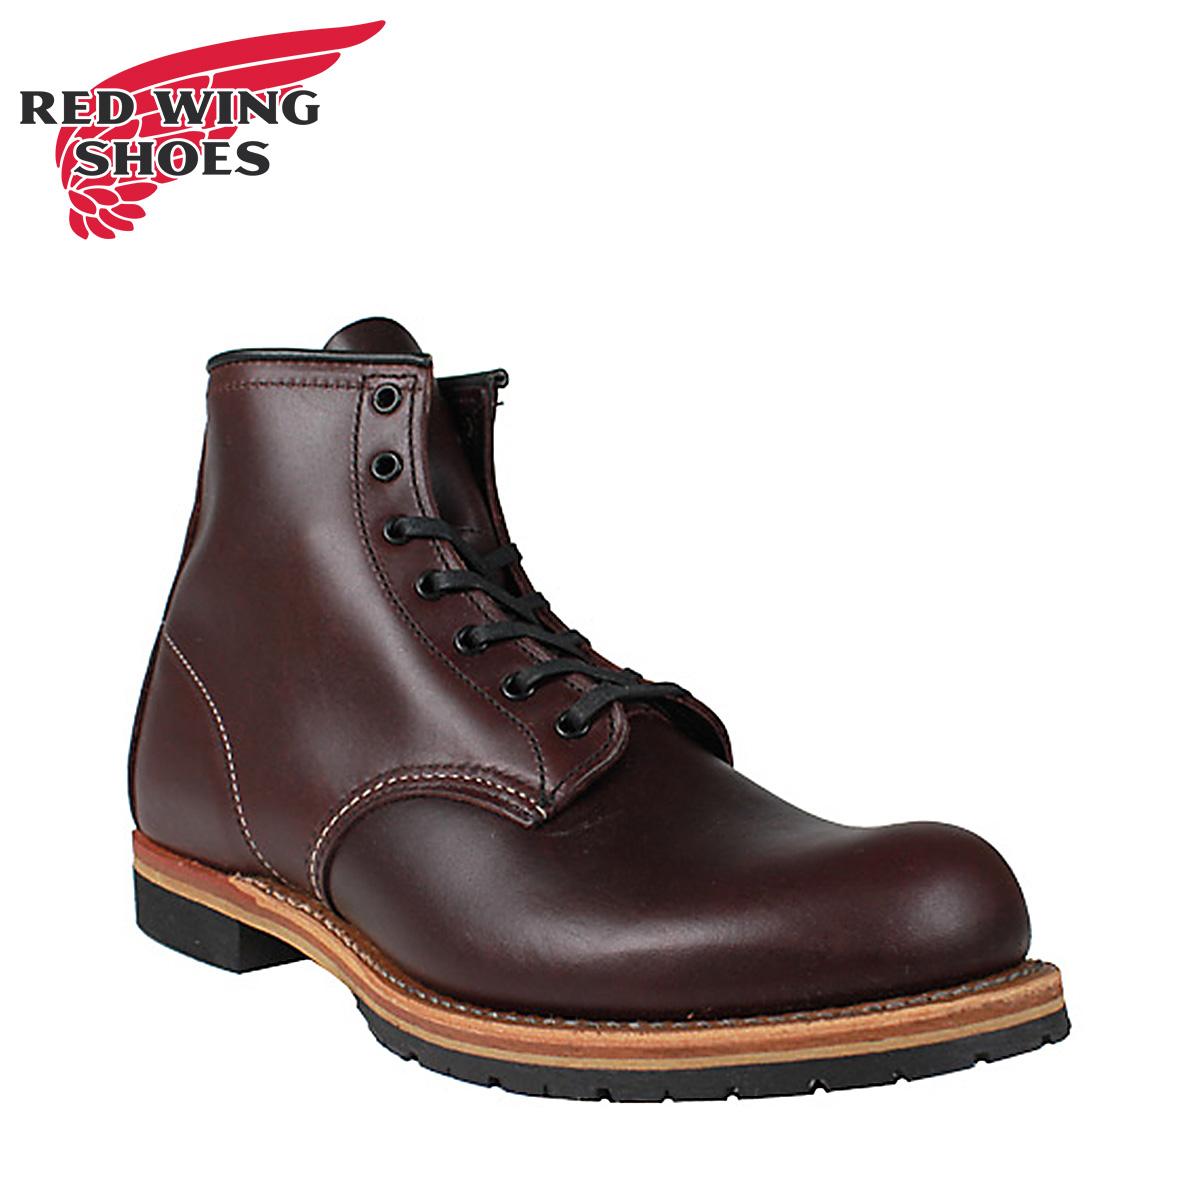 RED WING BECKMAN ROUND レッドウィング ベックマン ブーツ ラウンド トゥ Dワイズ 9011 レッドウイング ワークブーツ メンズ